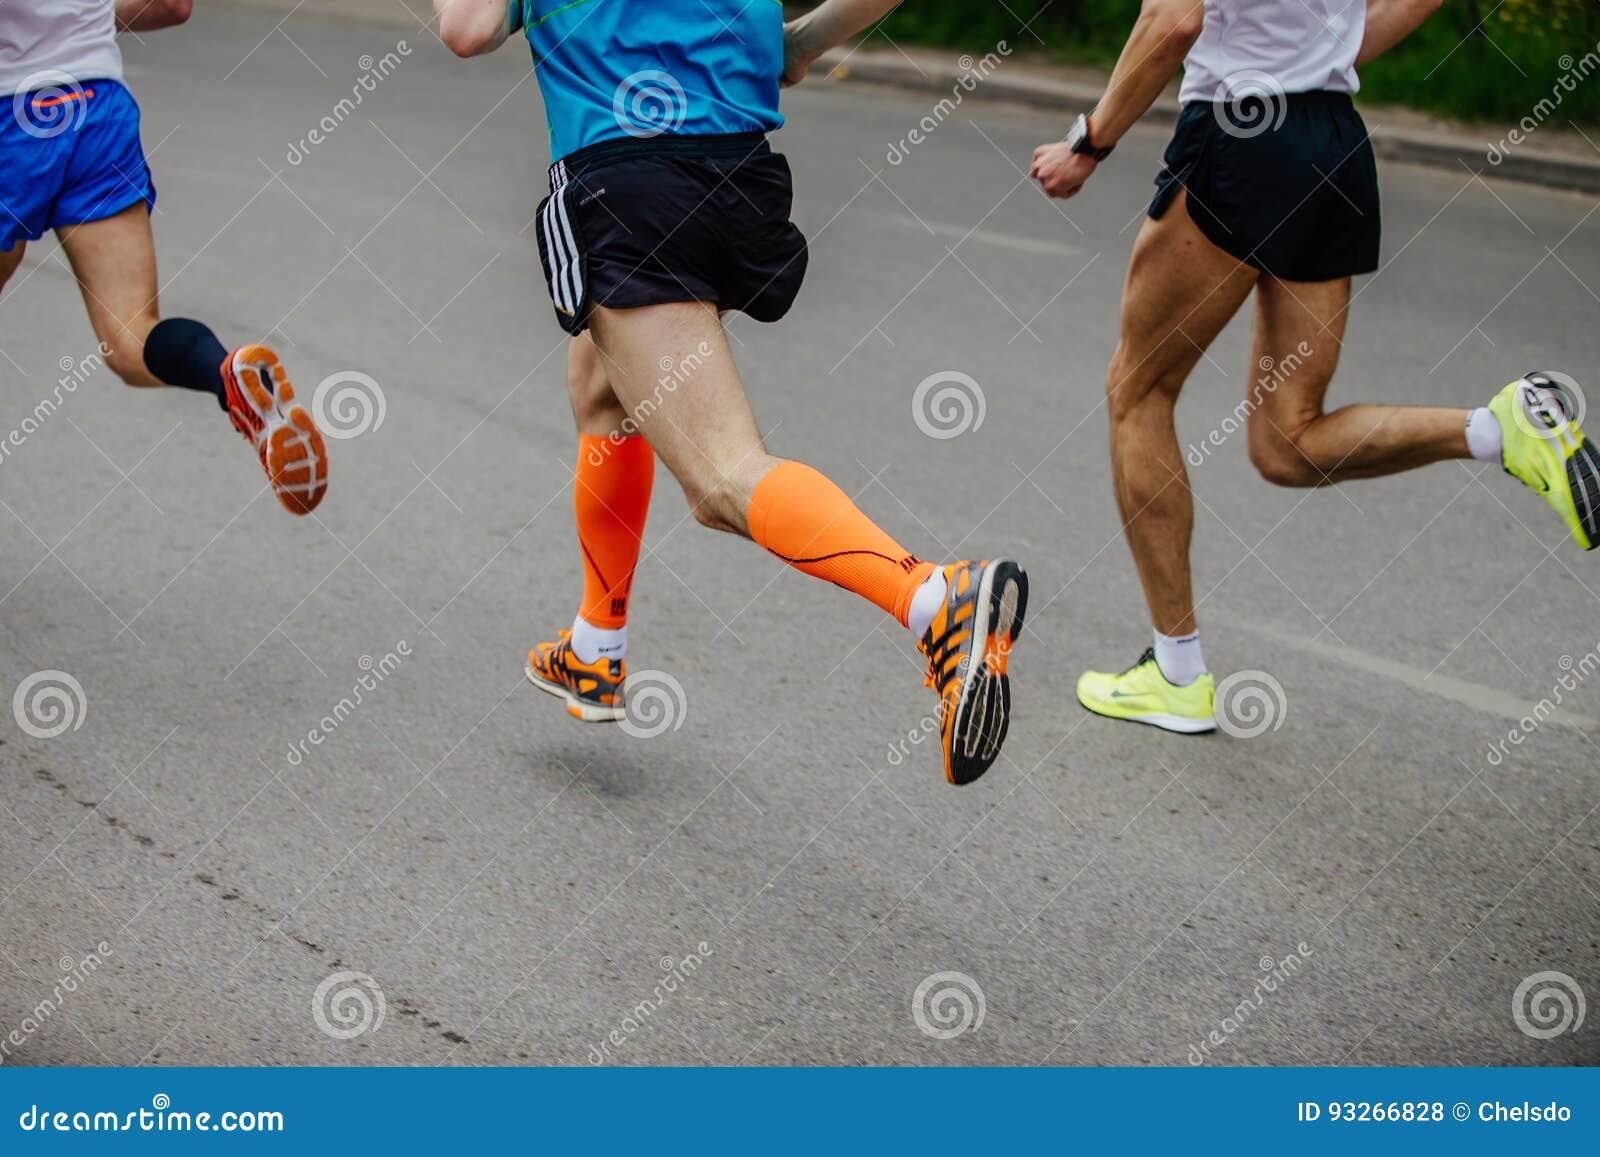 Подоприте бегуна 3 людей бежать на улице города